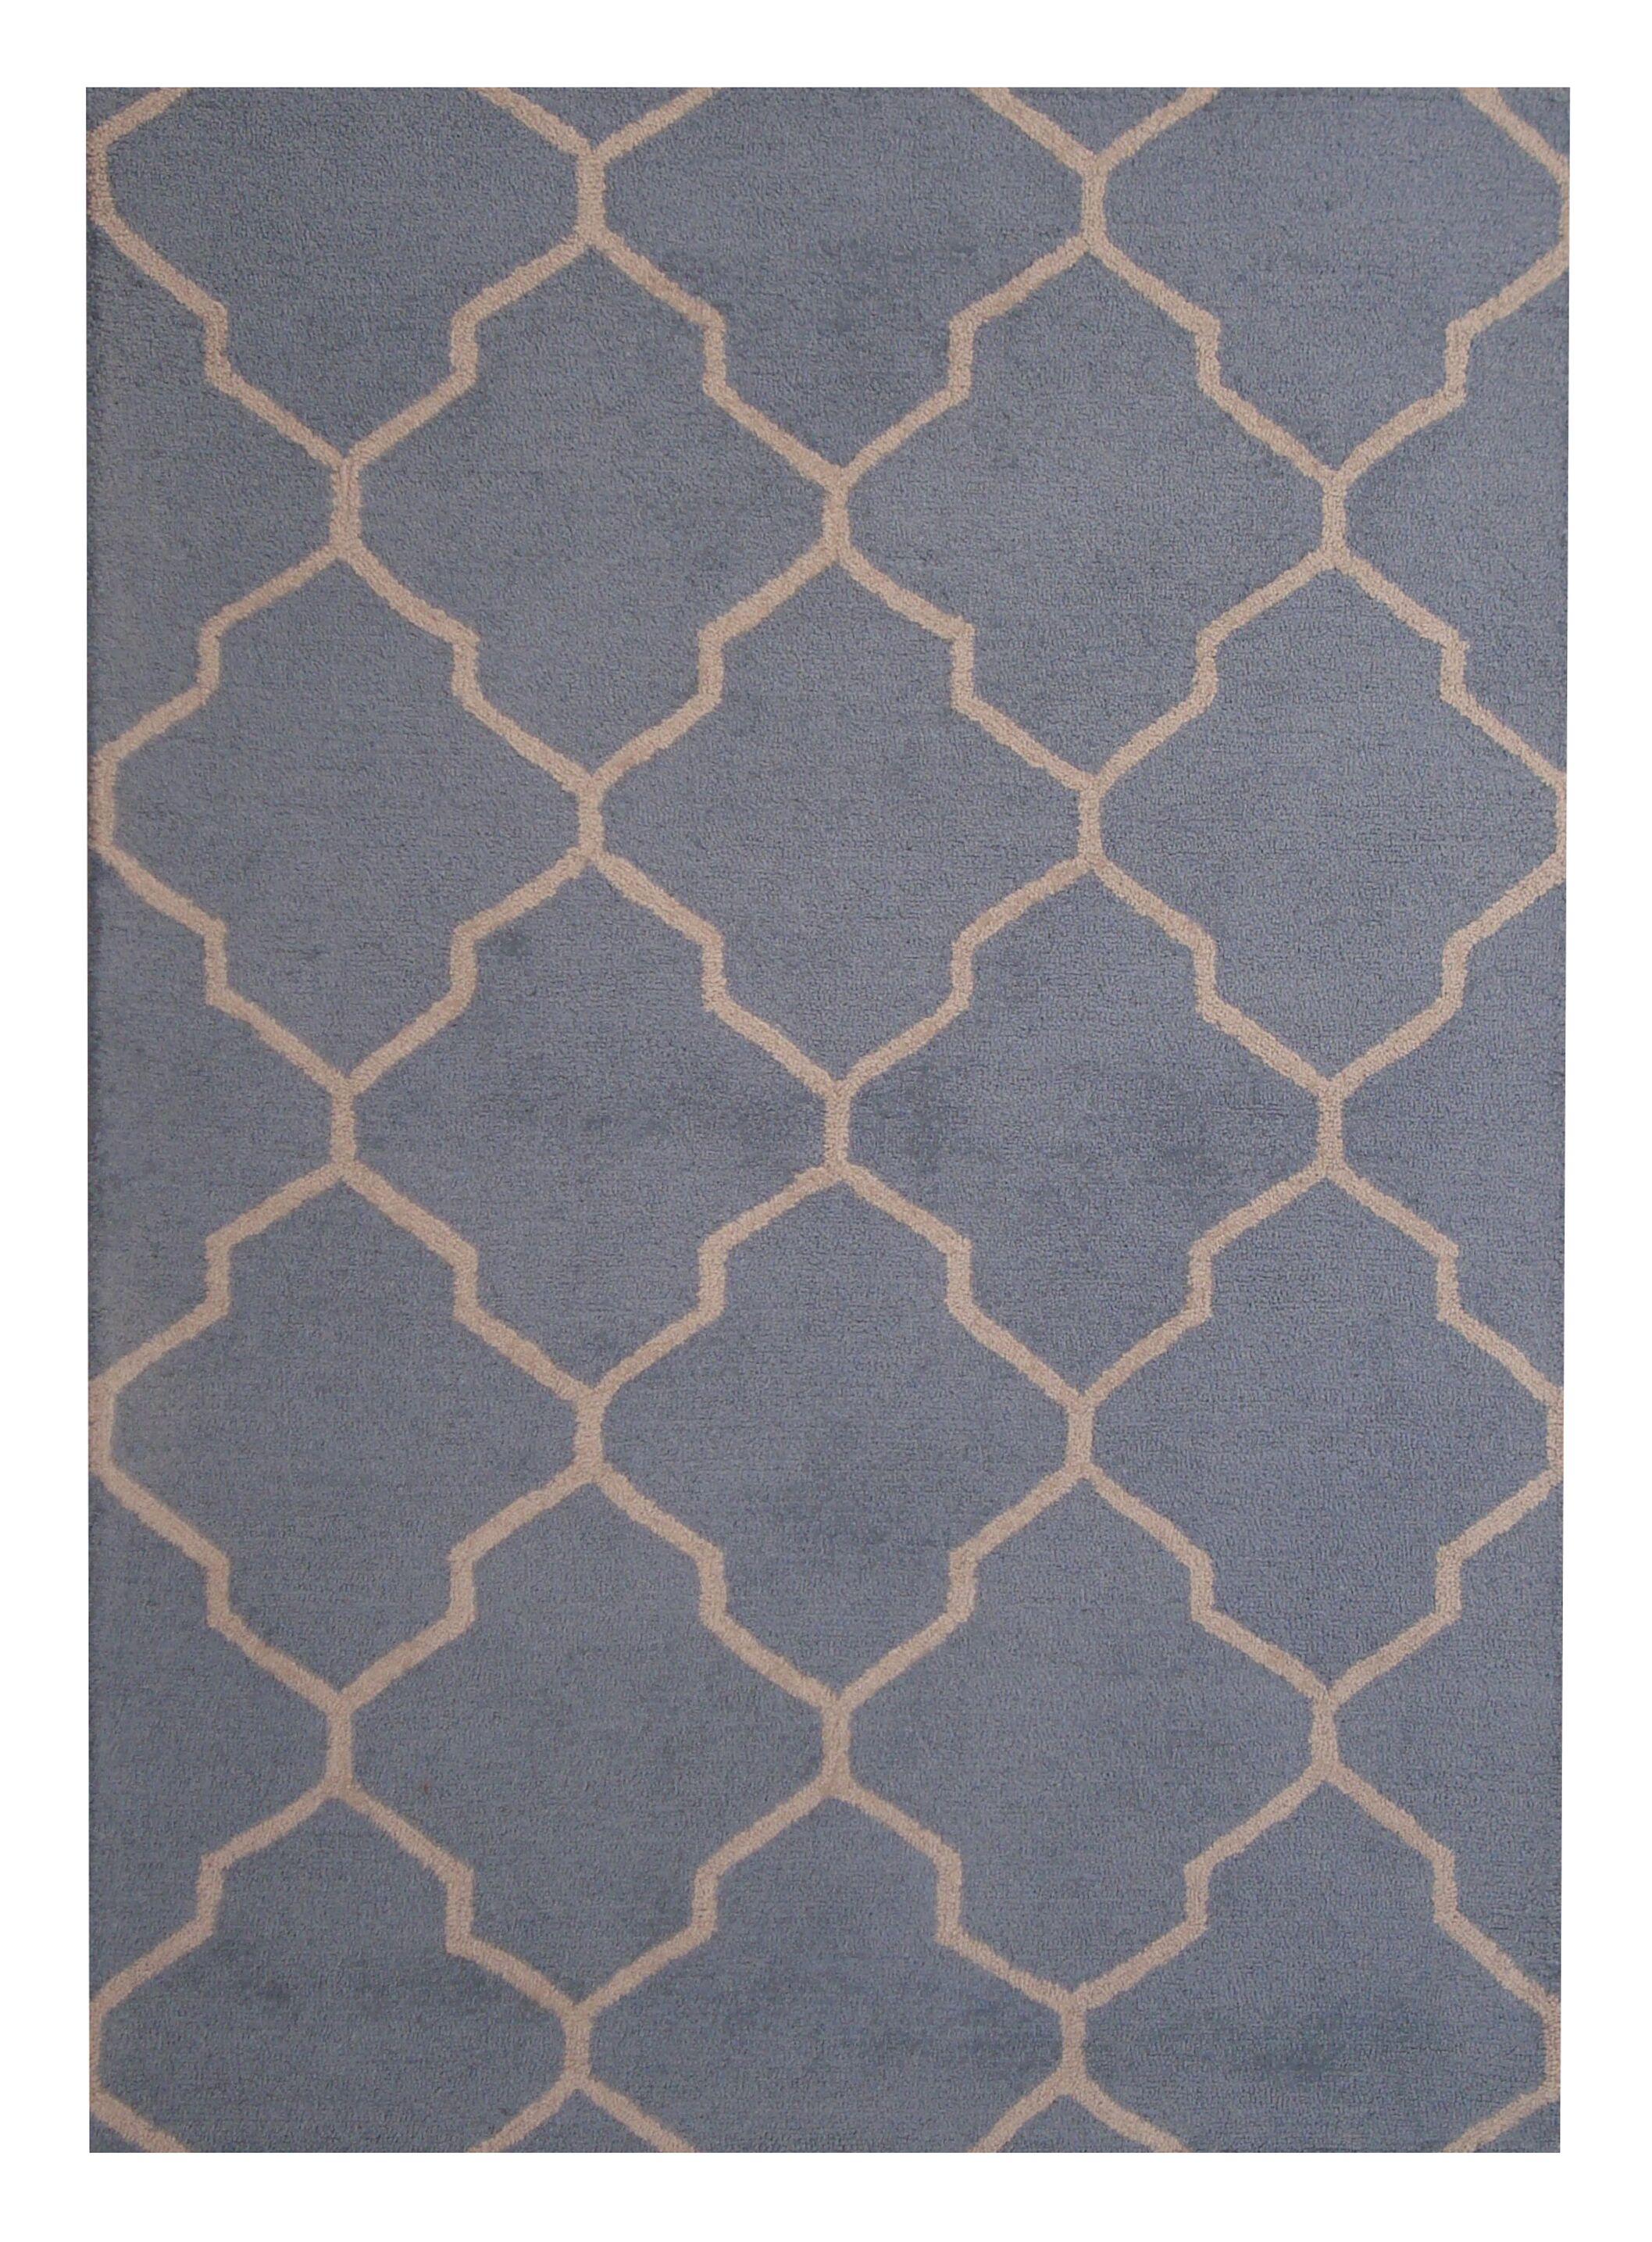 Hand-Tufted Light Blue/Beige Indoor Area Rug Rug Size: 5' x 7'